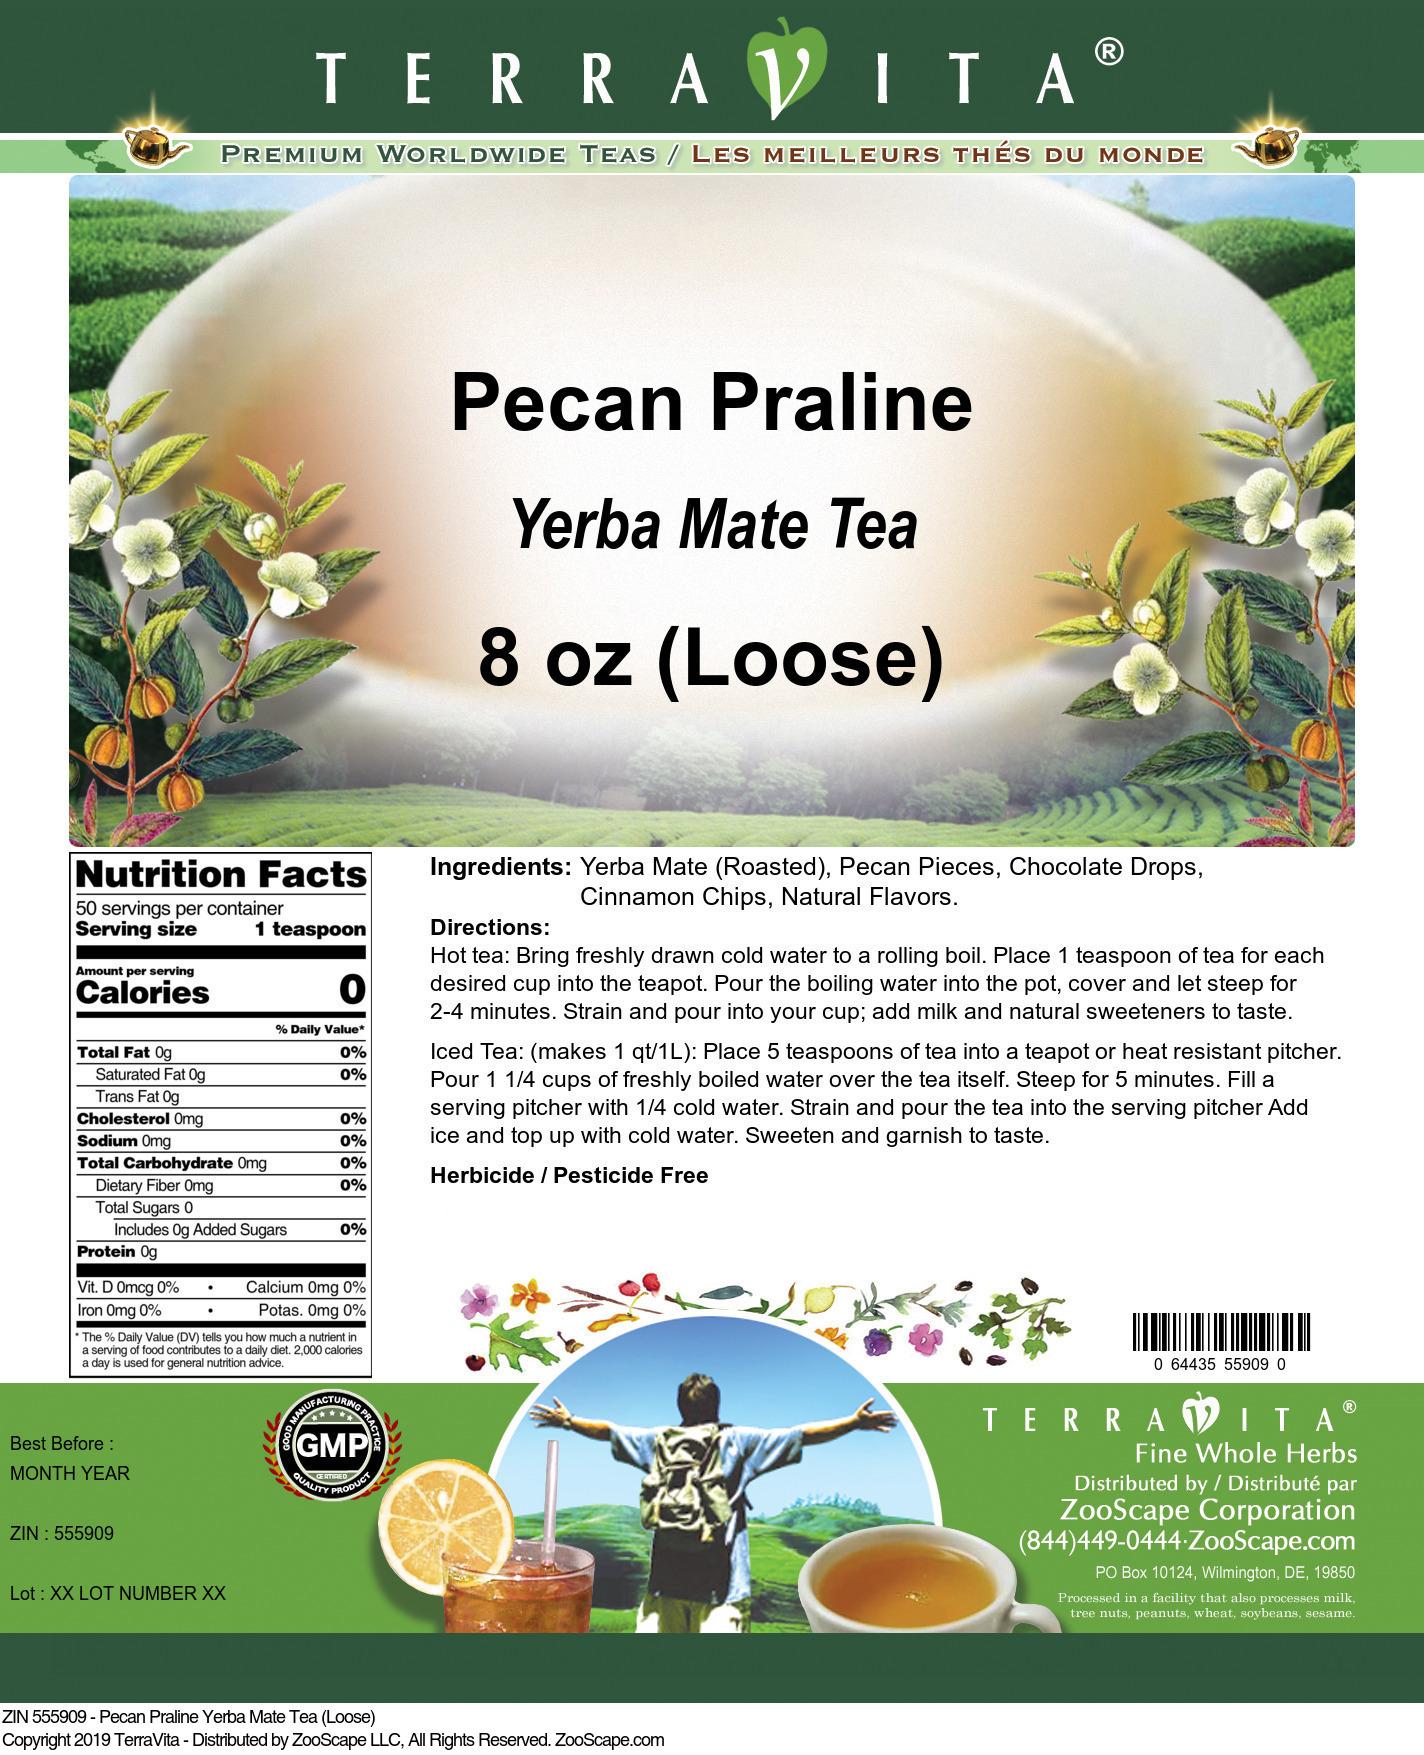 Pecan Praline Yerba Mate Tea (Loose)